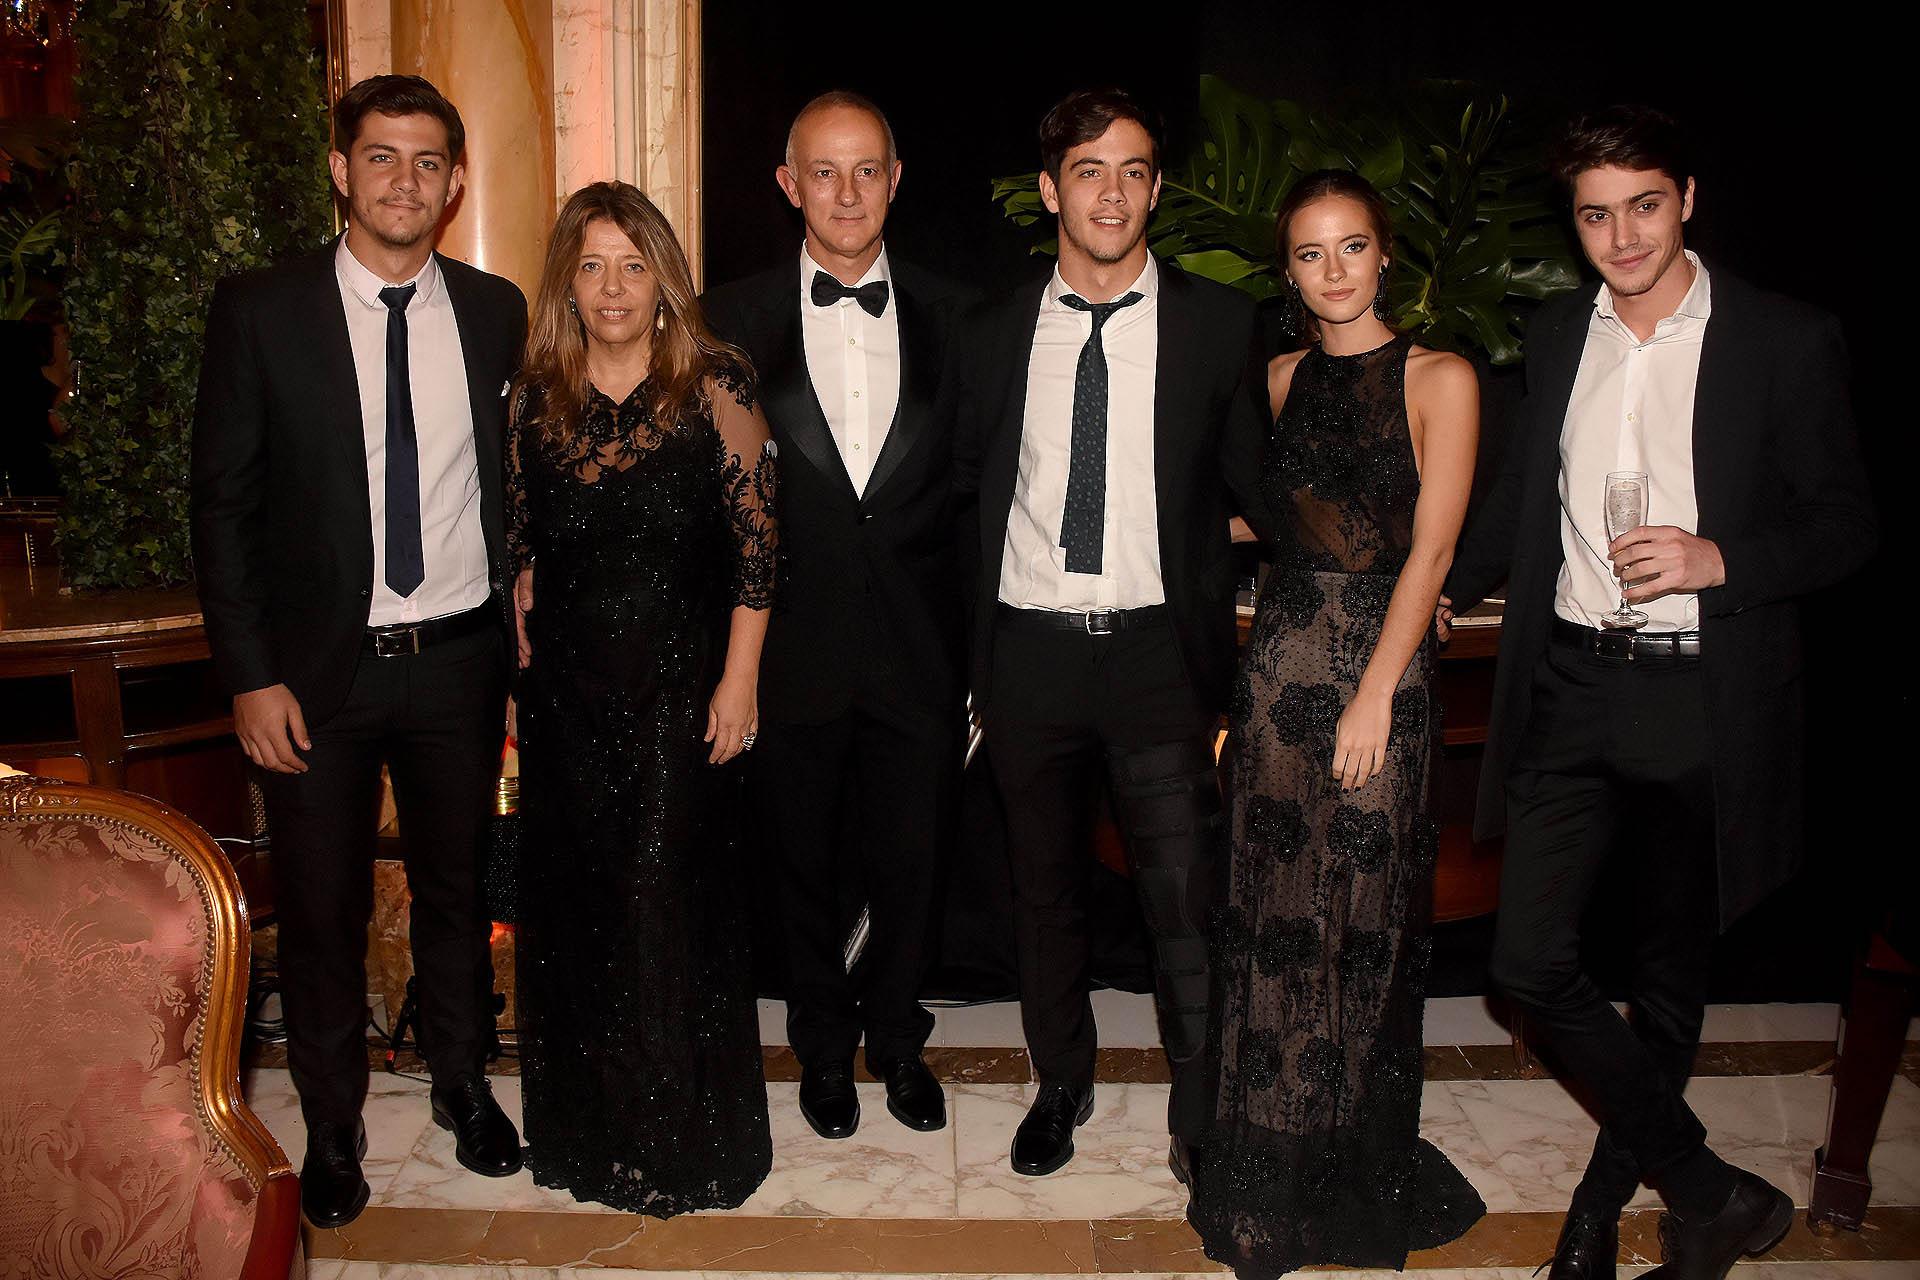 María Claudia Pedrayes con su marido, Carlos Juni; sus hijos Carlos, Marcos y Violeta, y Fran Stoessell